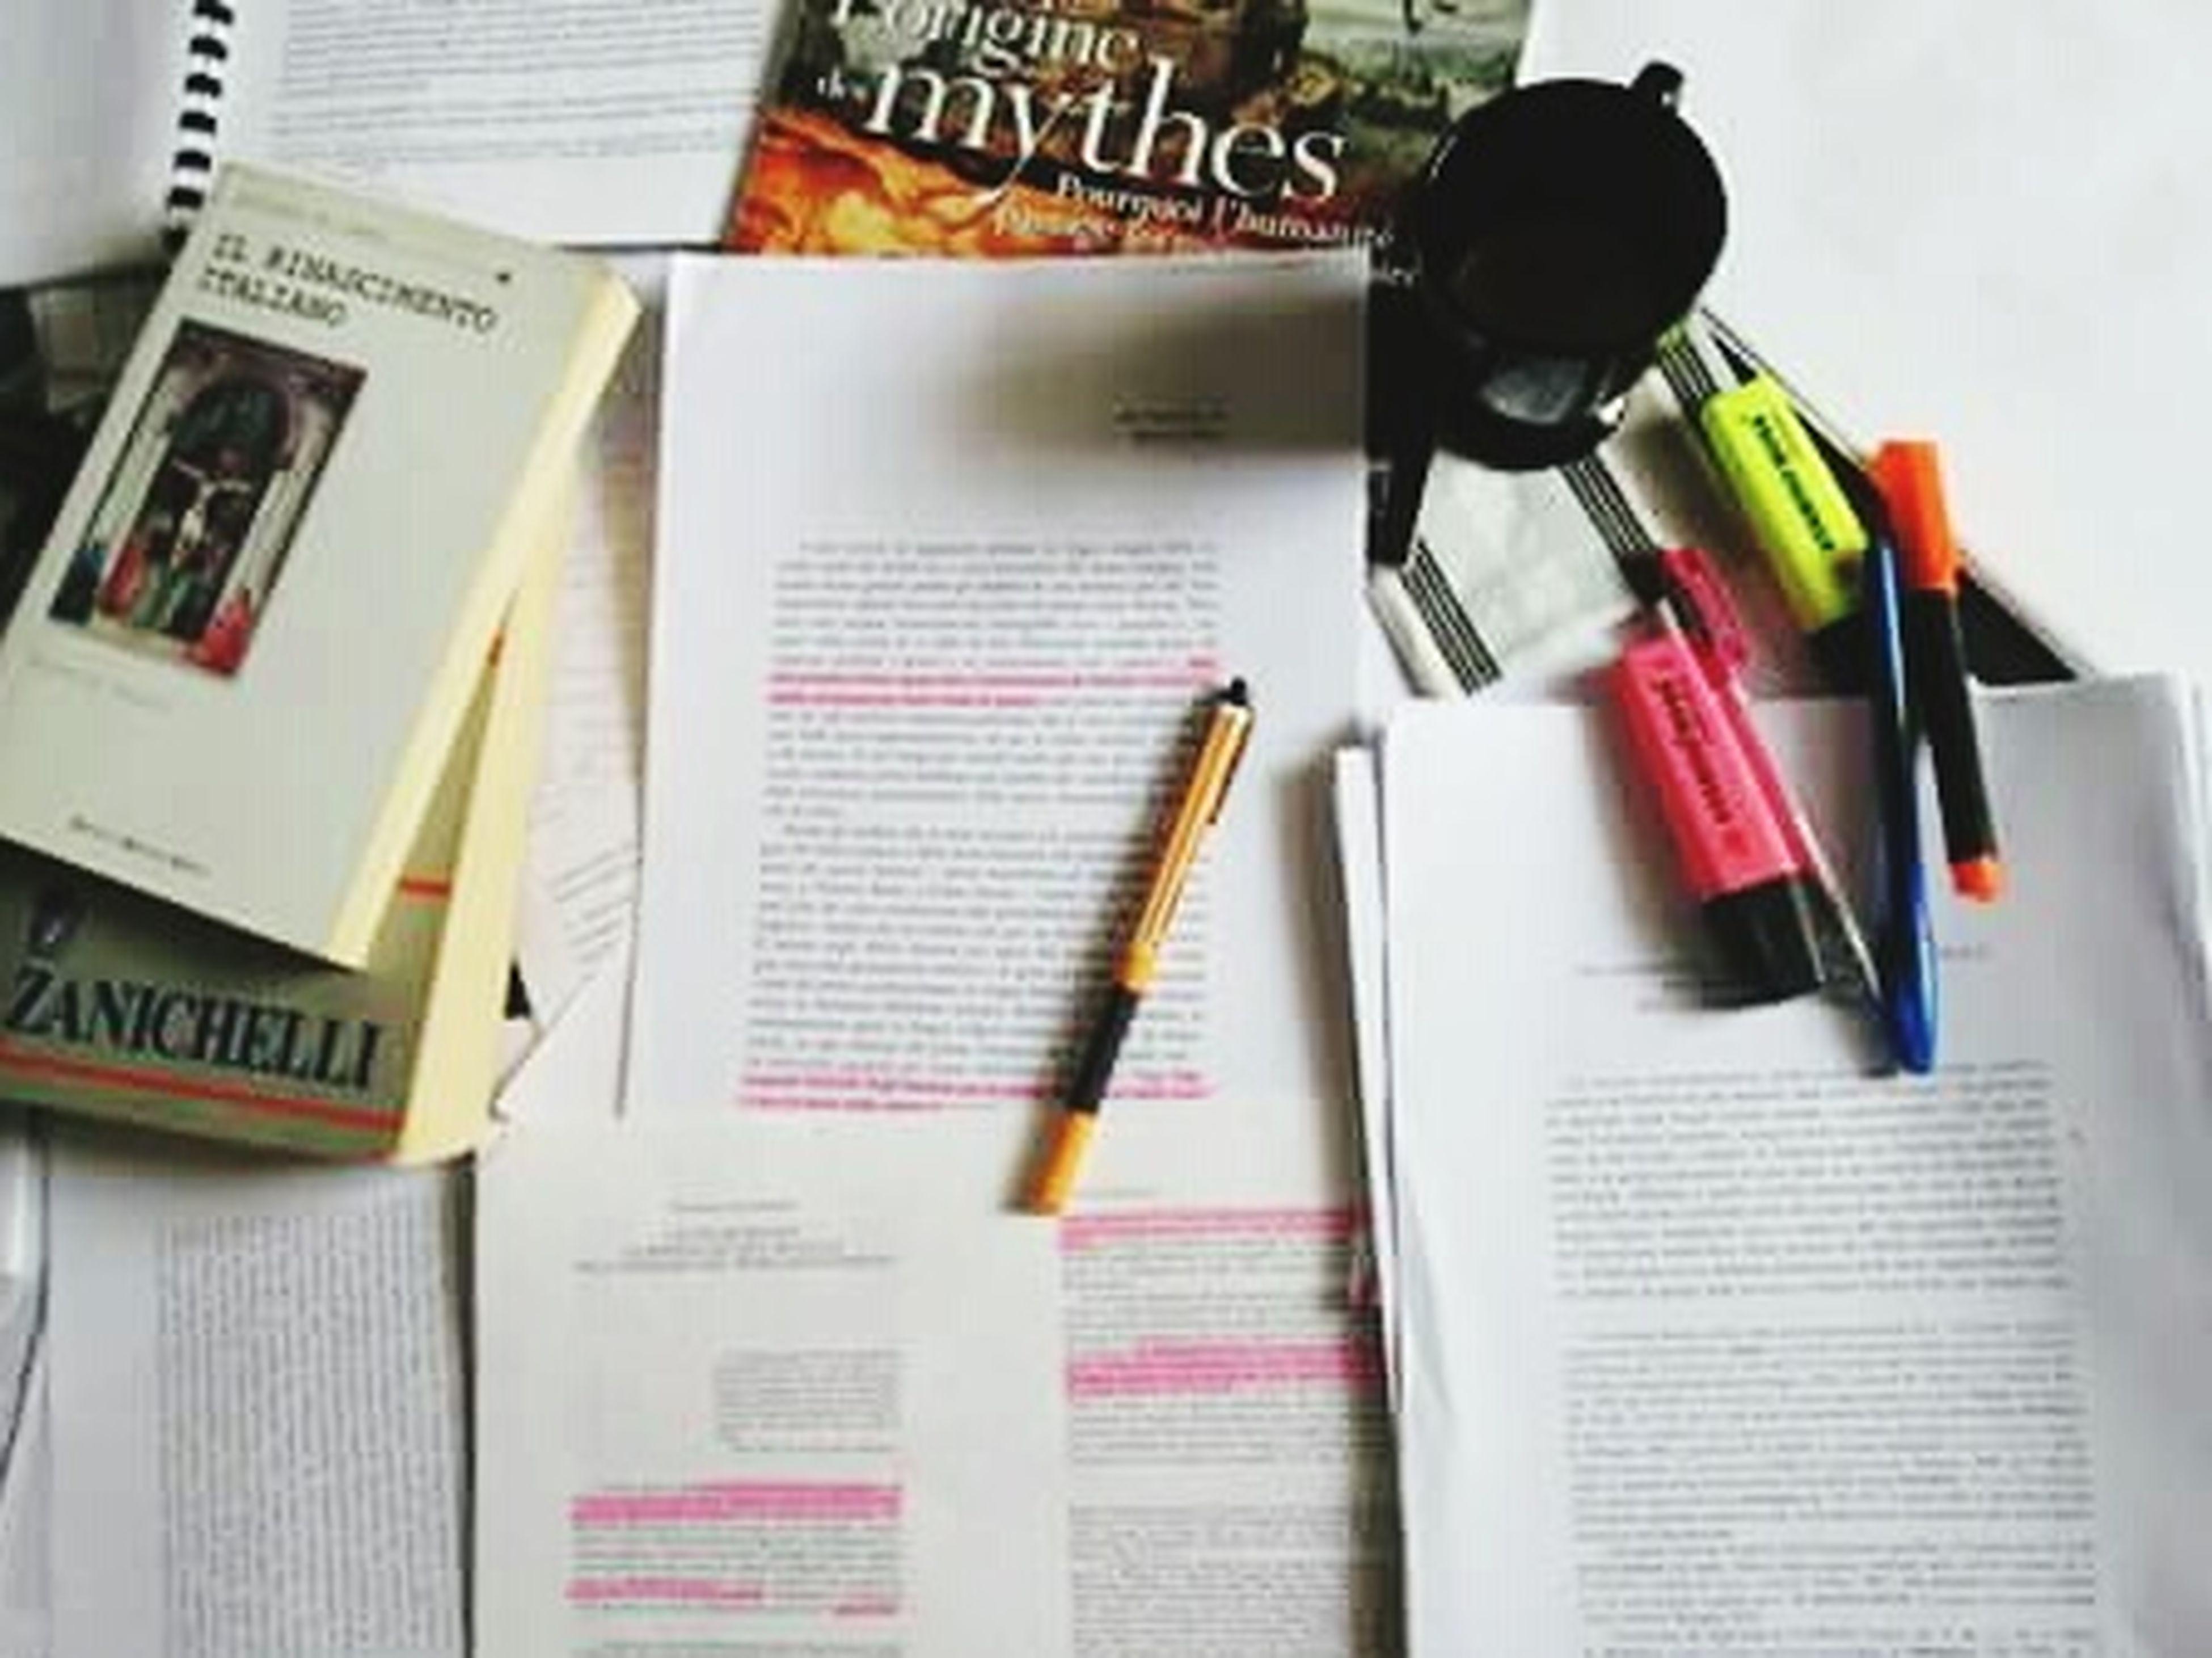 Phd Studies Coffee ☕ letteratura italiana Rinascimento Mitology Melodramma nuit blanche en perspective ... 💞 La Thèse Nuit Gravement à La Santé